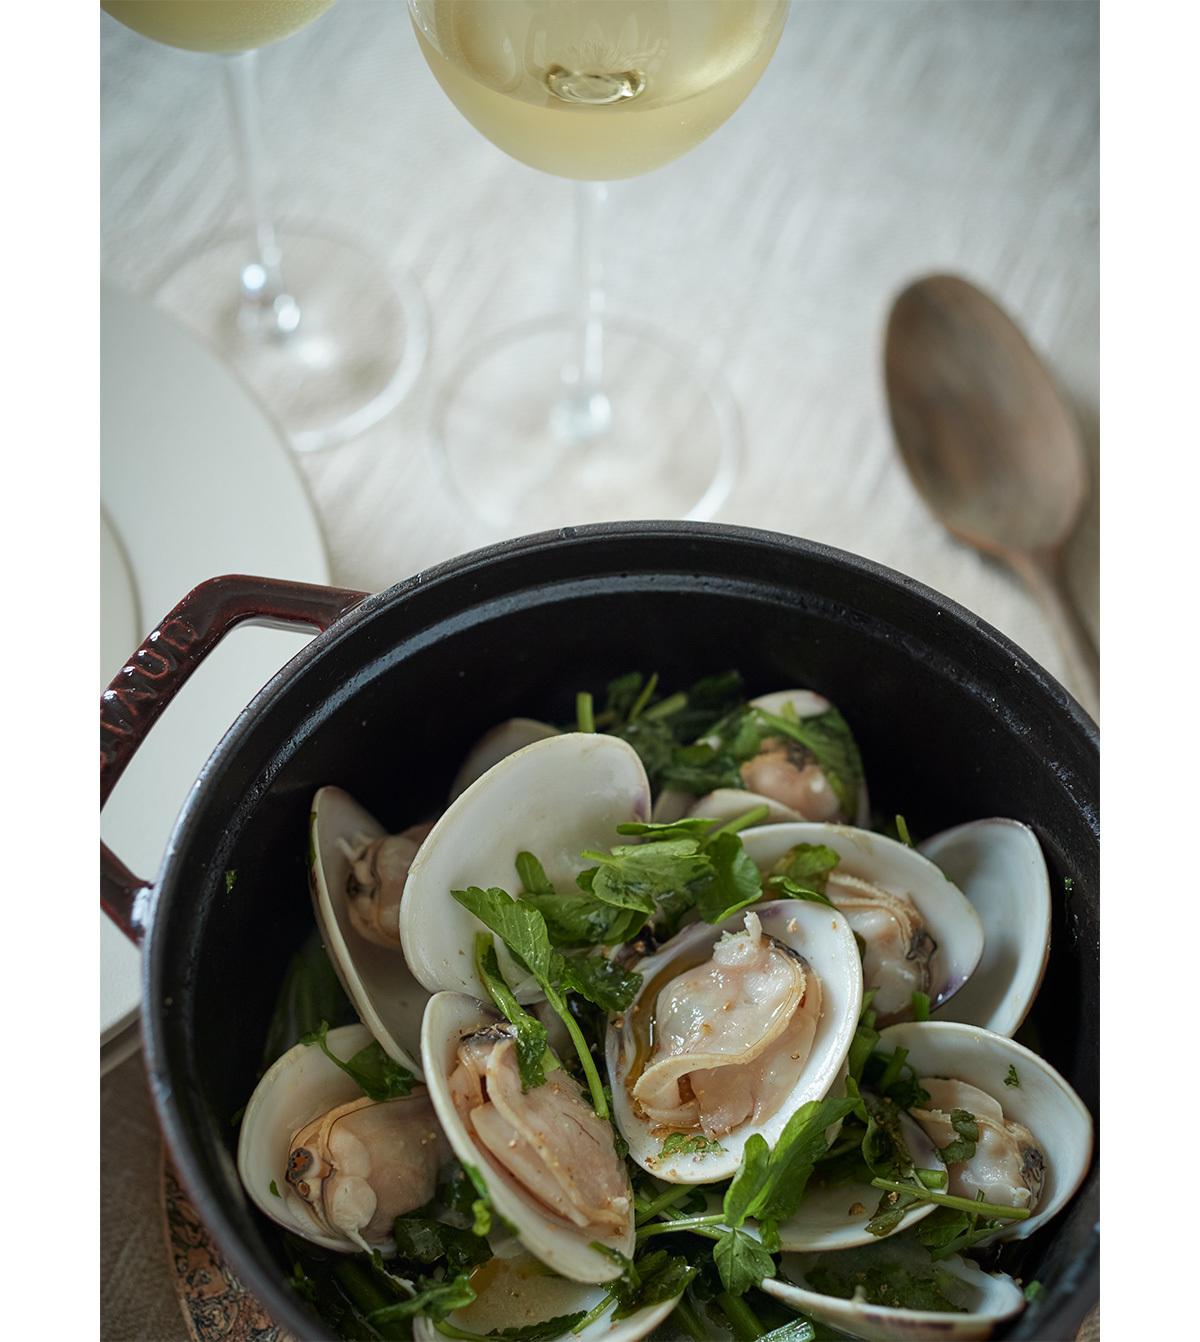 【オーストリア白ワインに合うおつまみレシピ 3】はまぐりとせりのワイン蒸し1